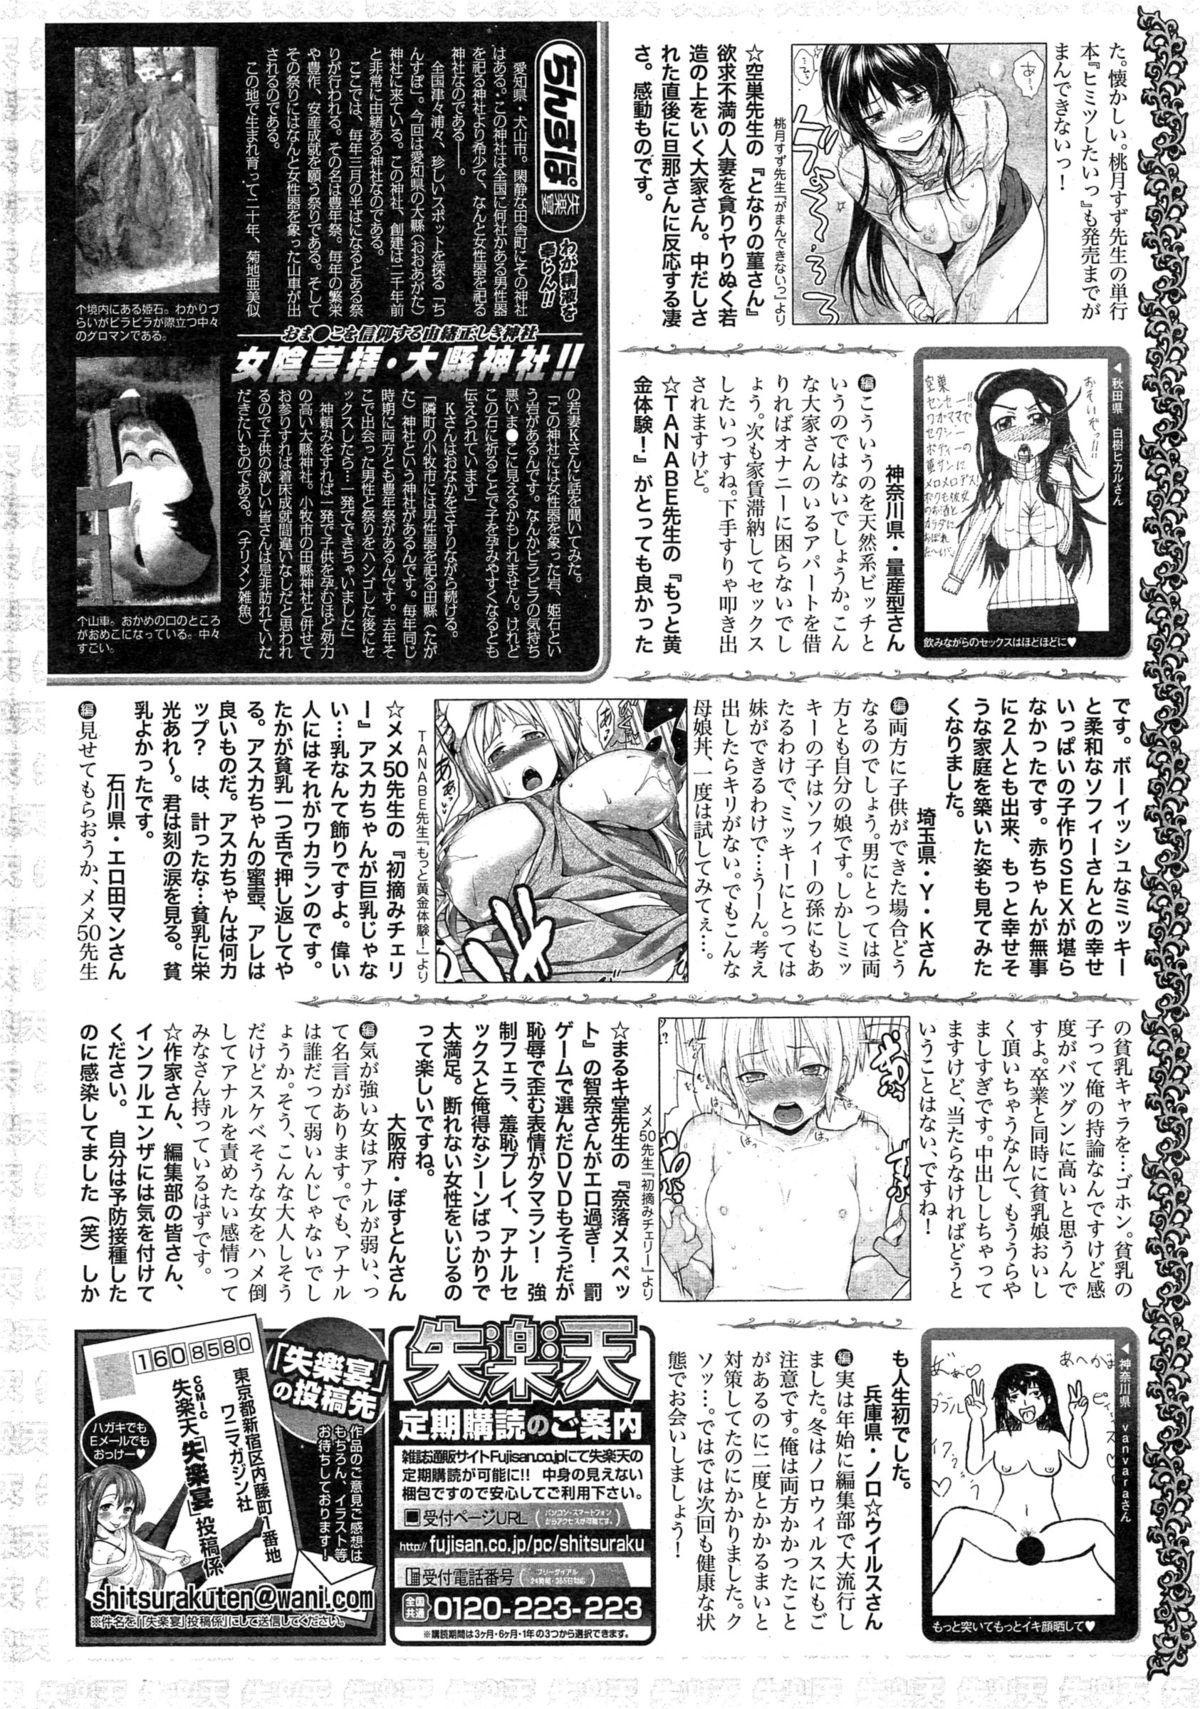 COMIC Shitsurakuten 2015-04 296